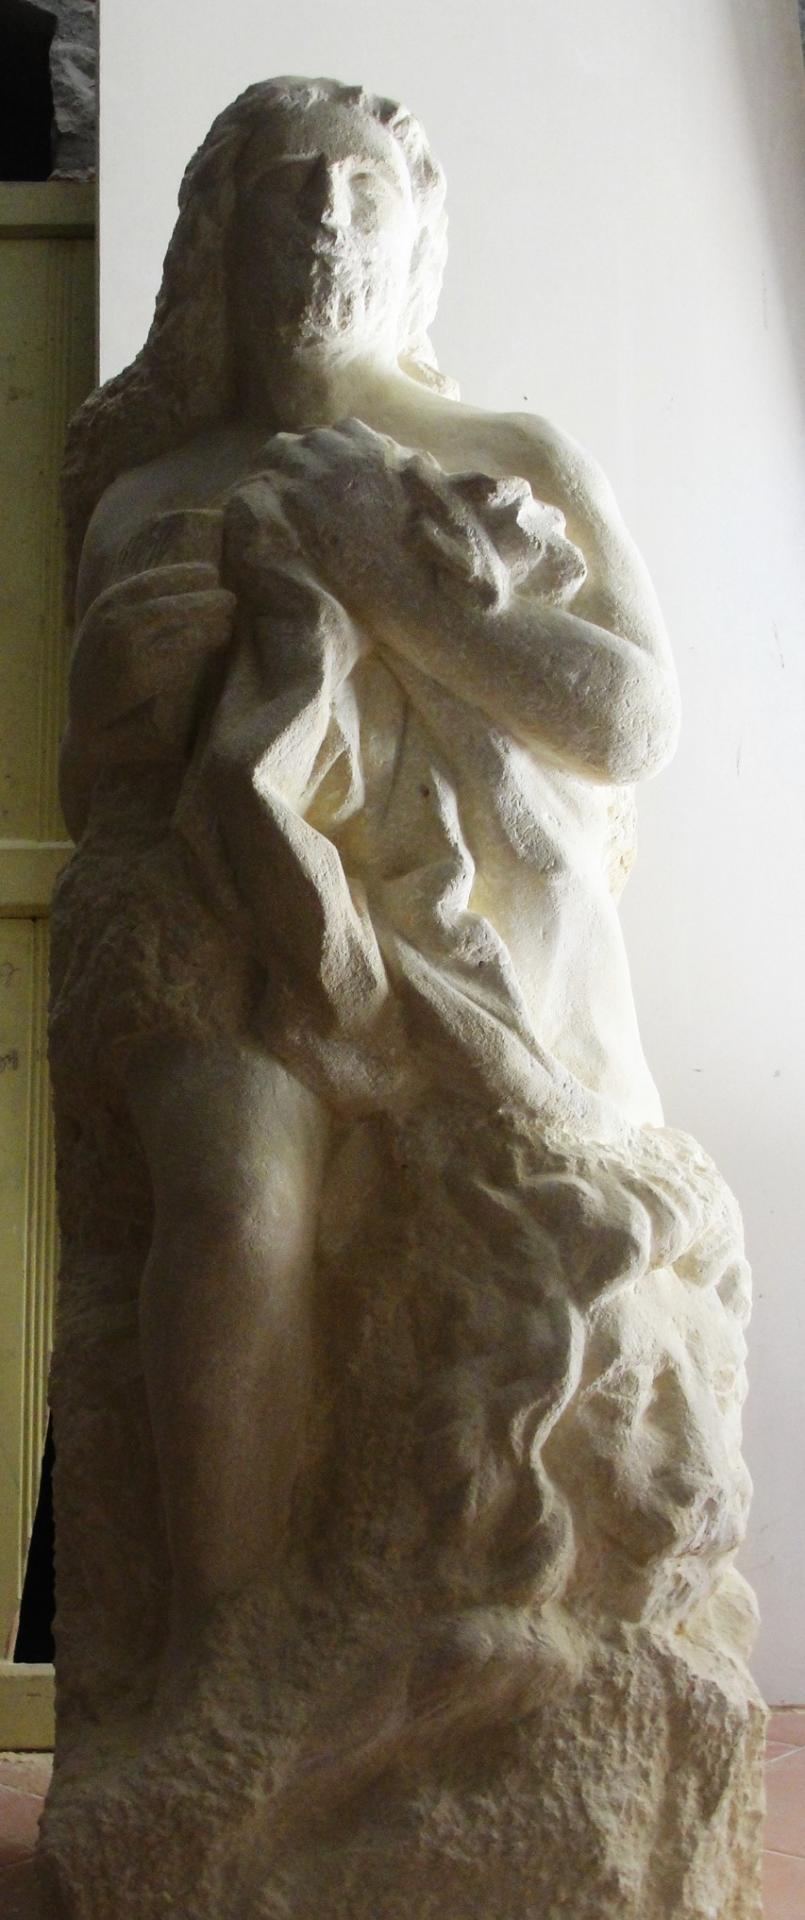 St marc sculpture en pierre 1 2m 88